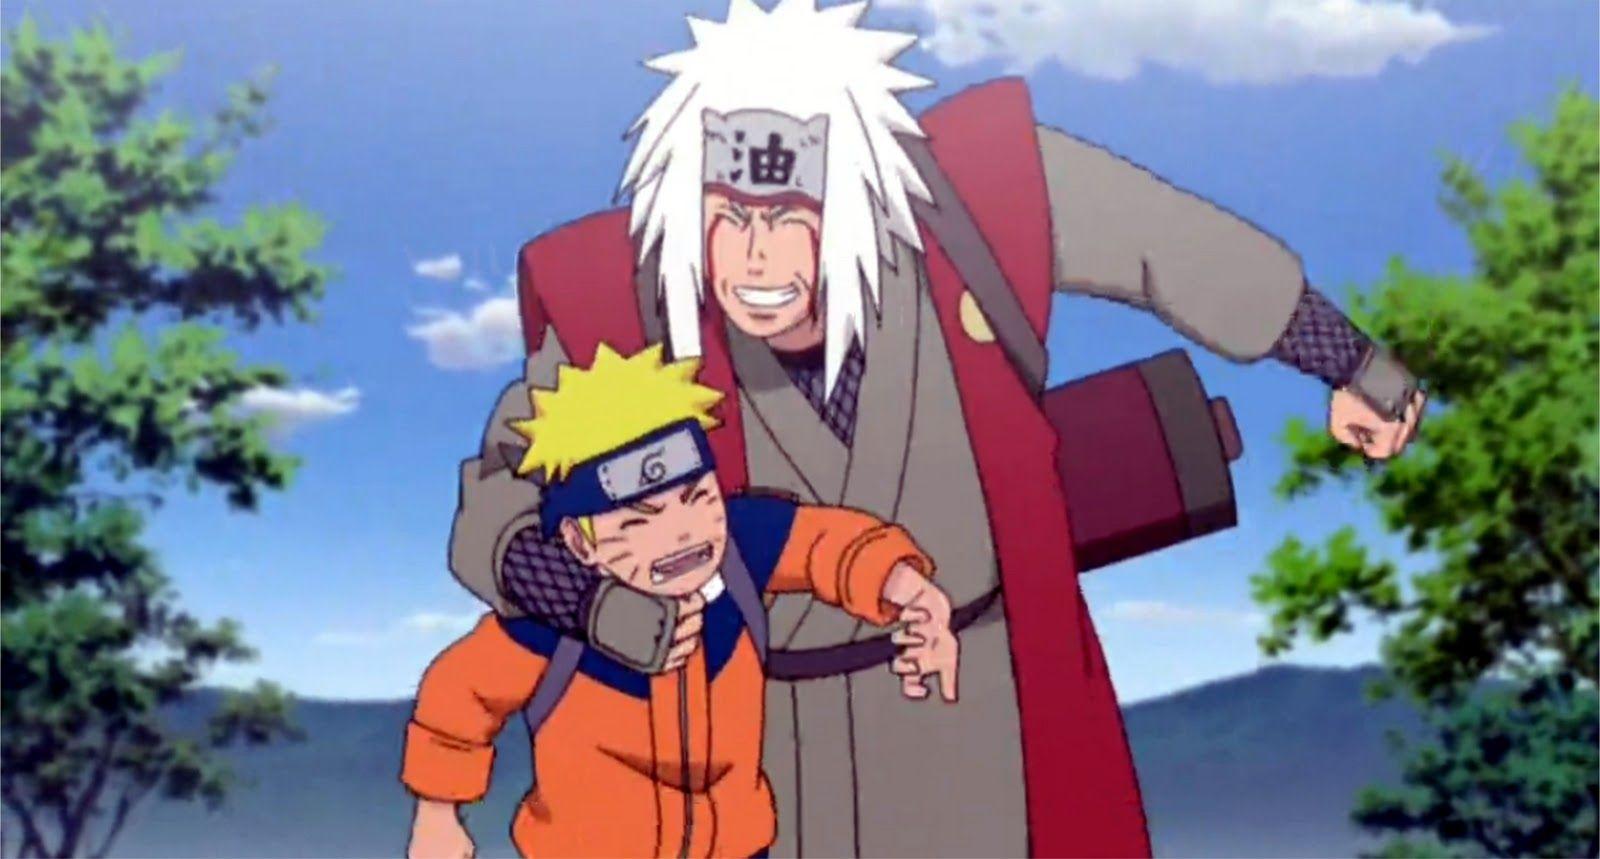 Jiraiya Naruto | Naruto and Jiraiya | Naruto Fans